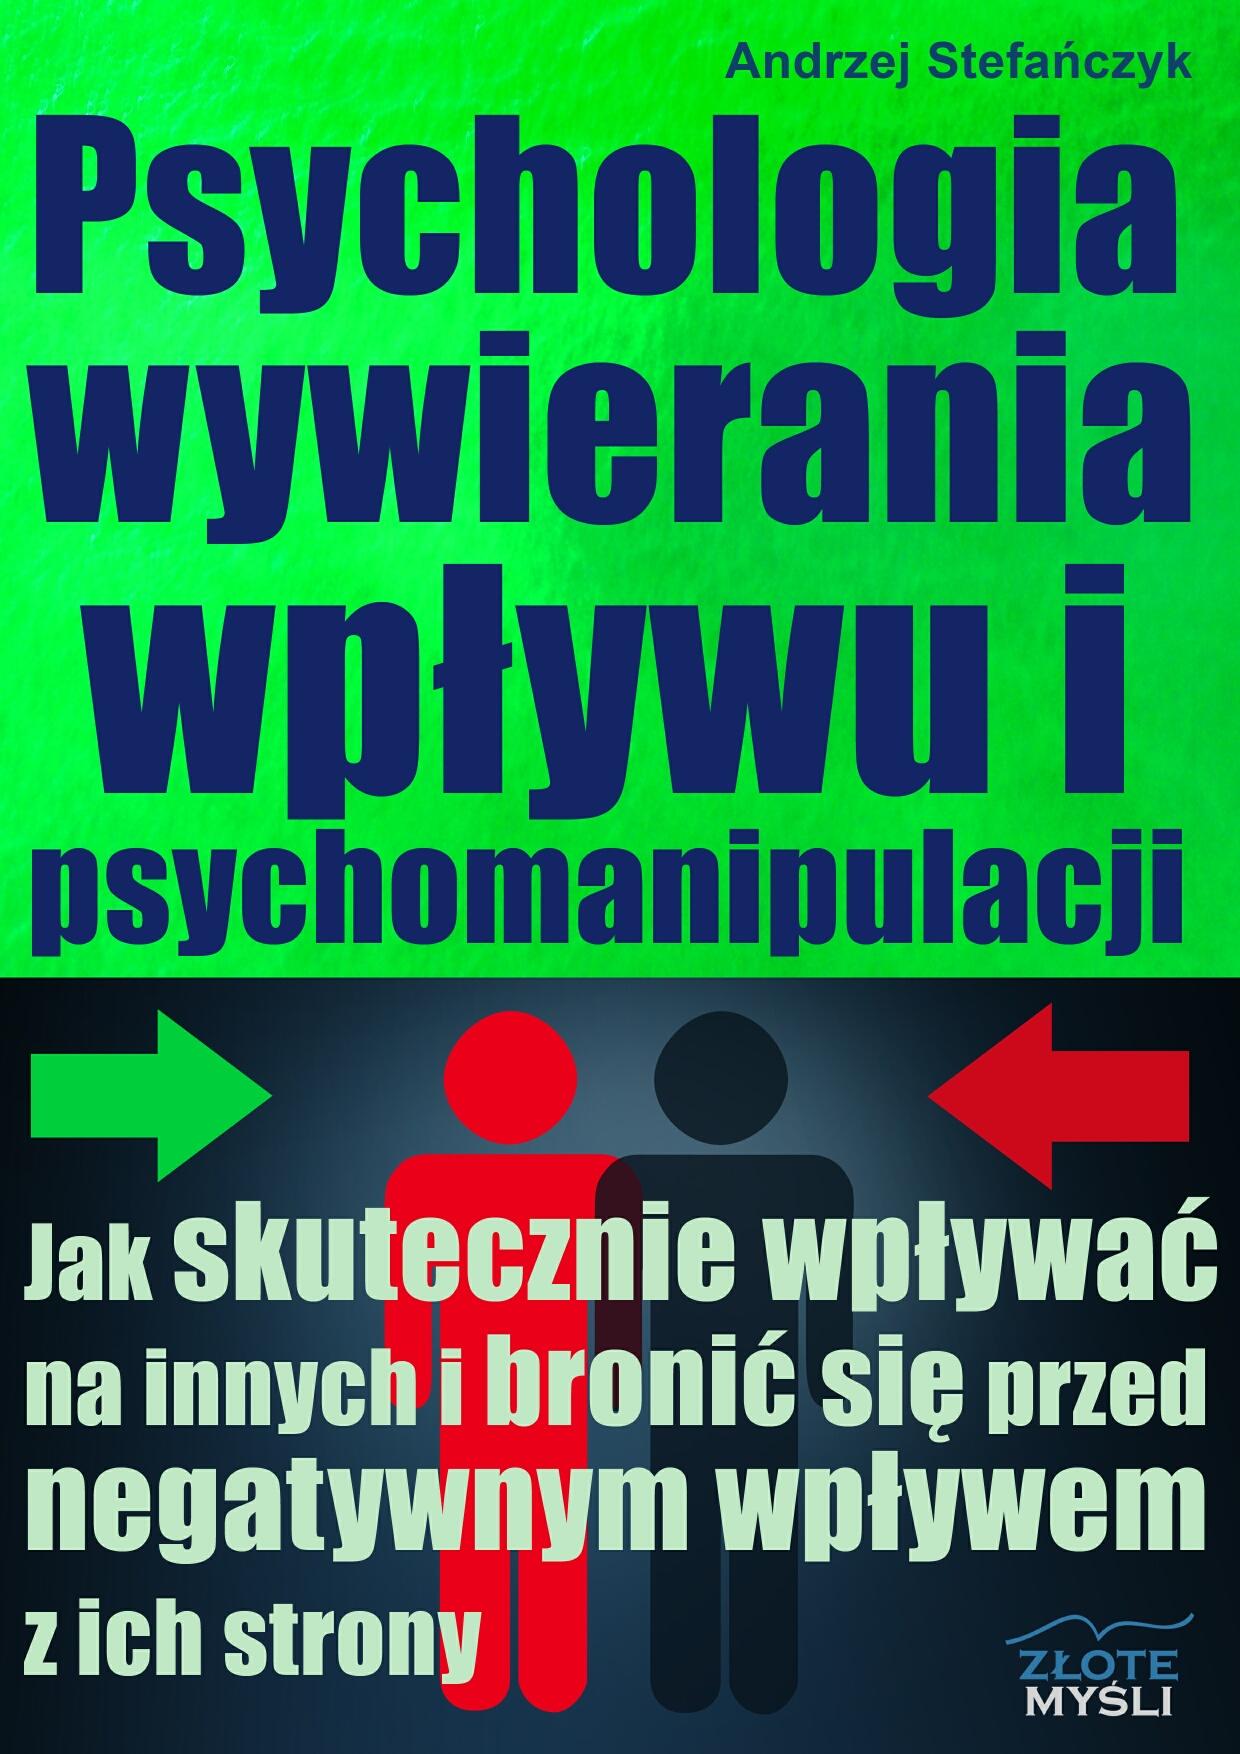 Andrzej Stefańczyk: Psychologia wywierania wpływu i psychomanipulacji - okładka